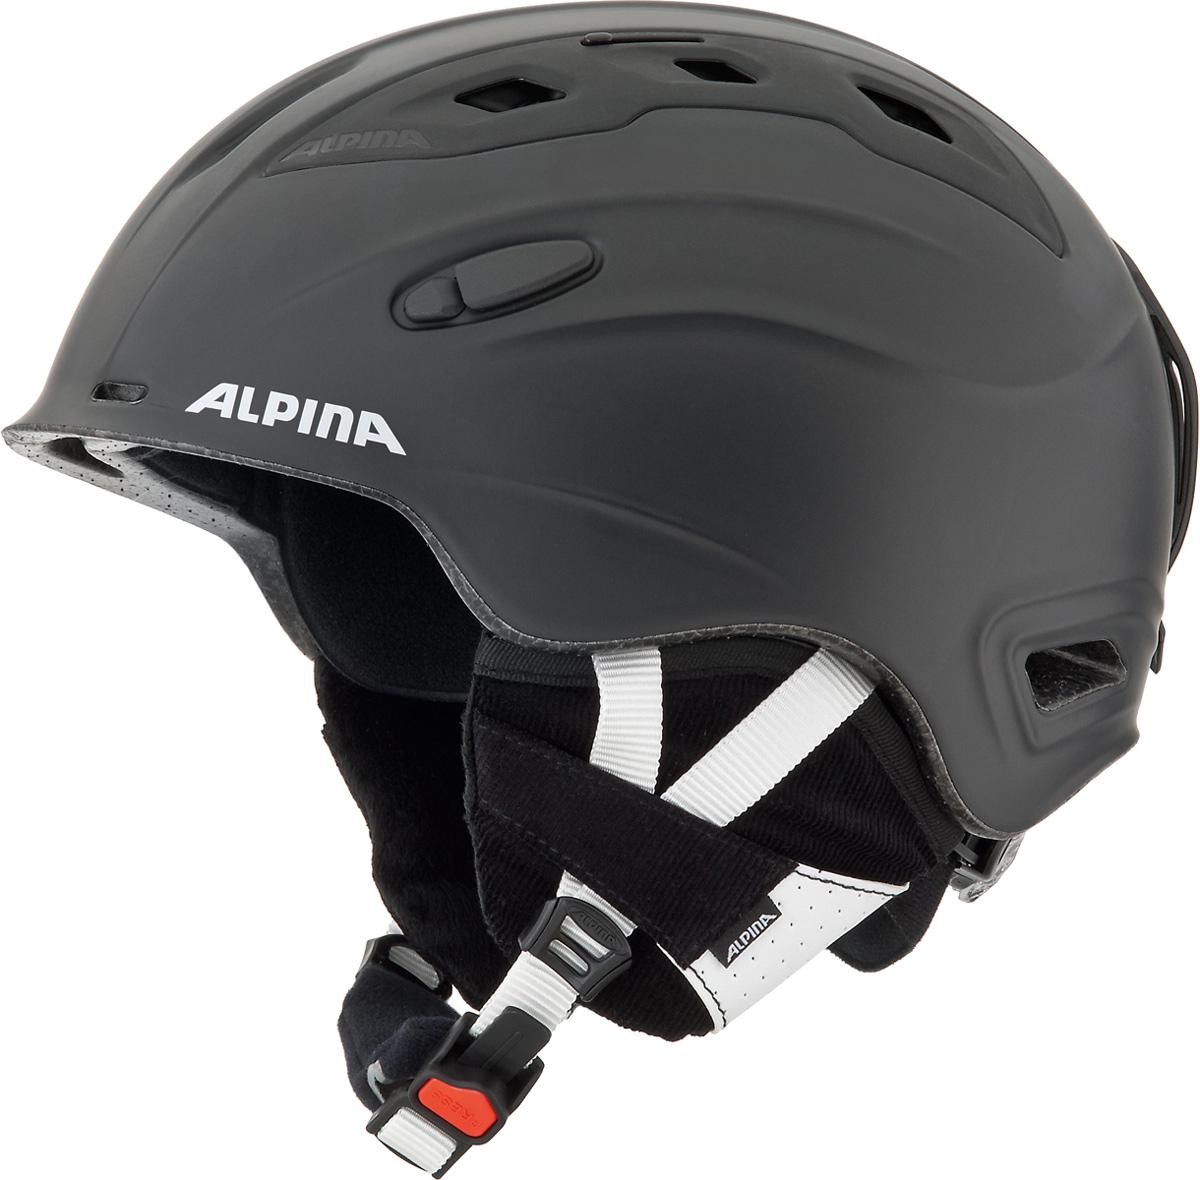 Шлем горнолыжный Alpina  Snow Mythos , цвет: черный. A9062_31. Размер 58-61 - Горные лыжи